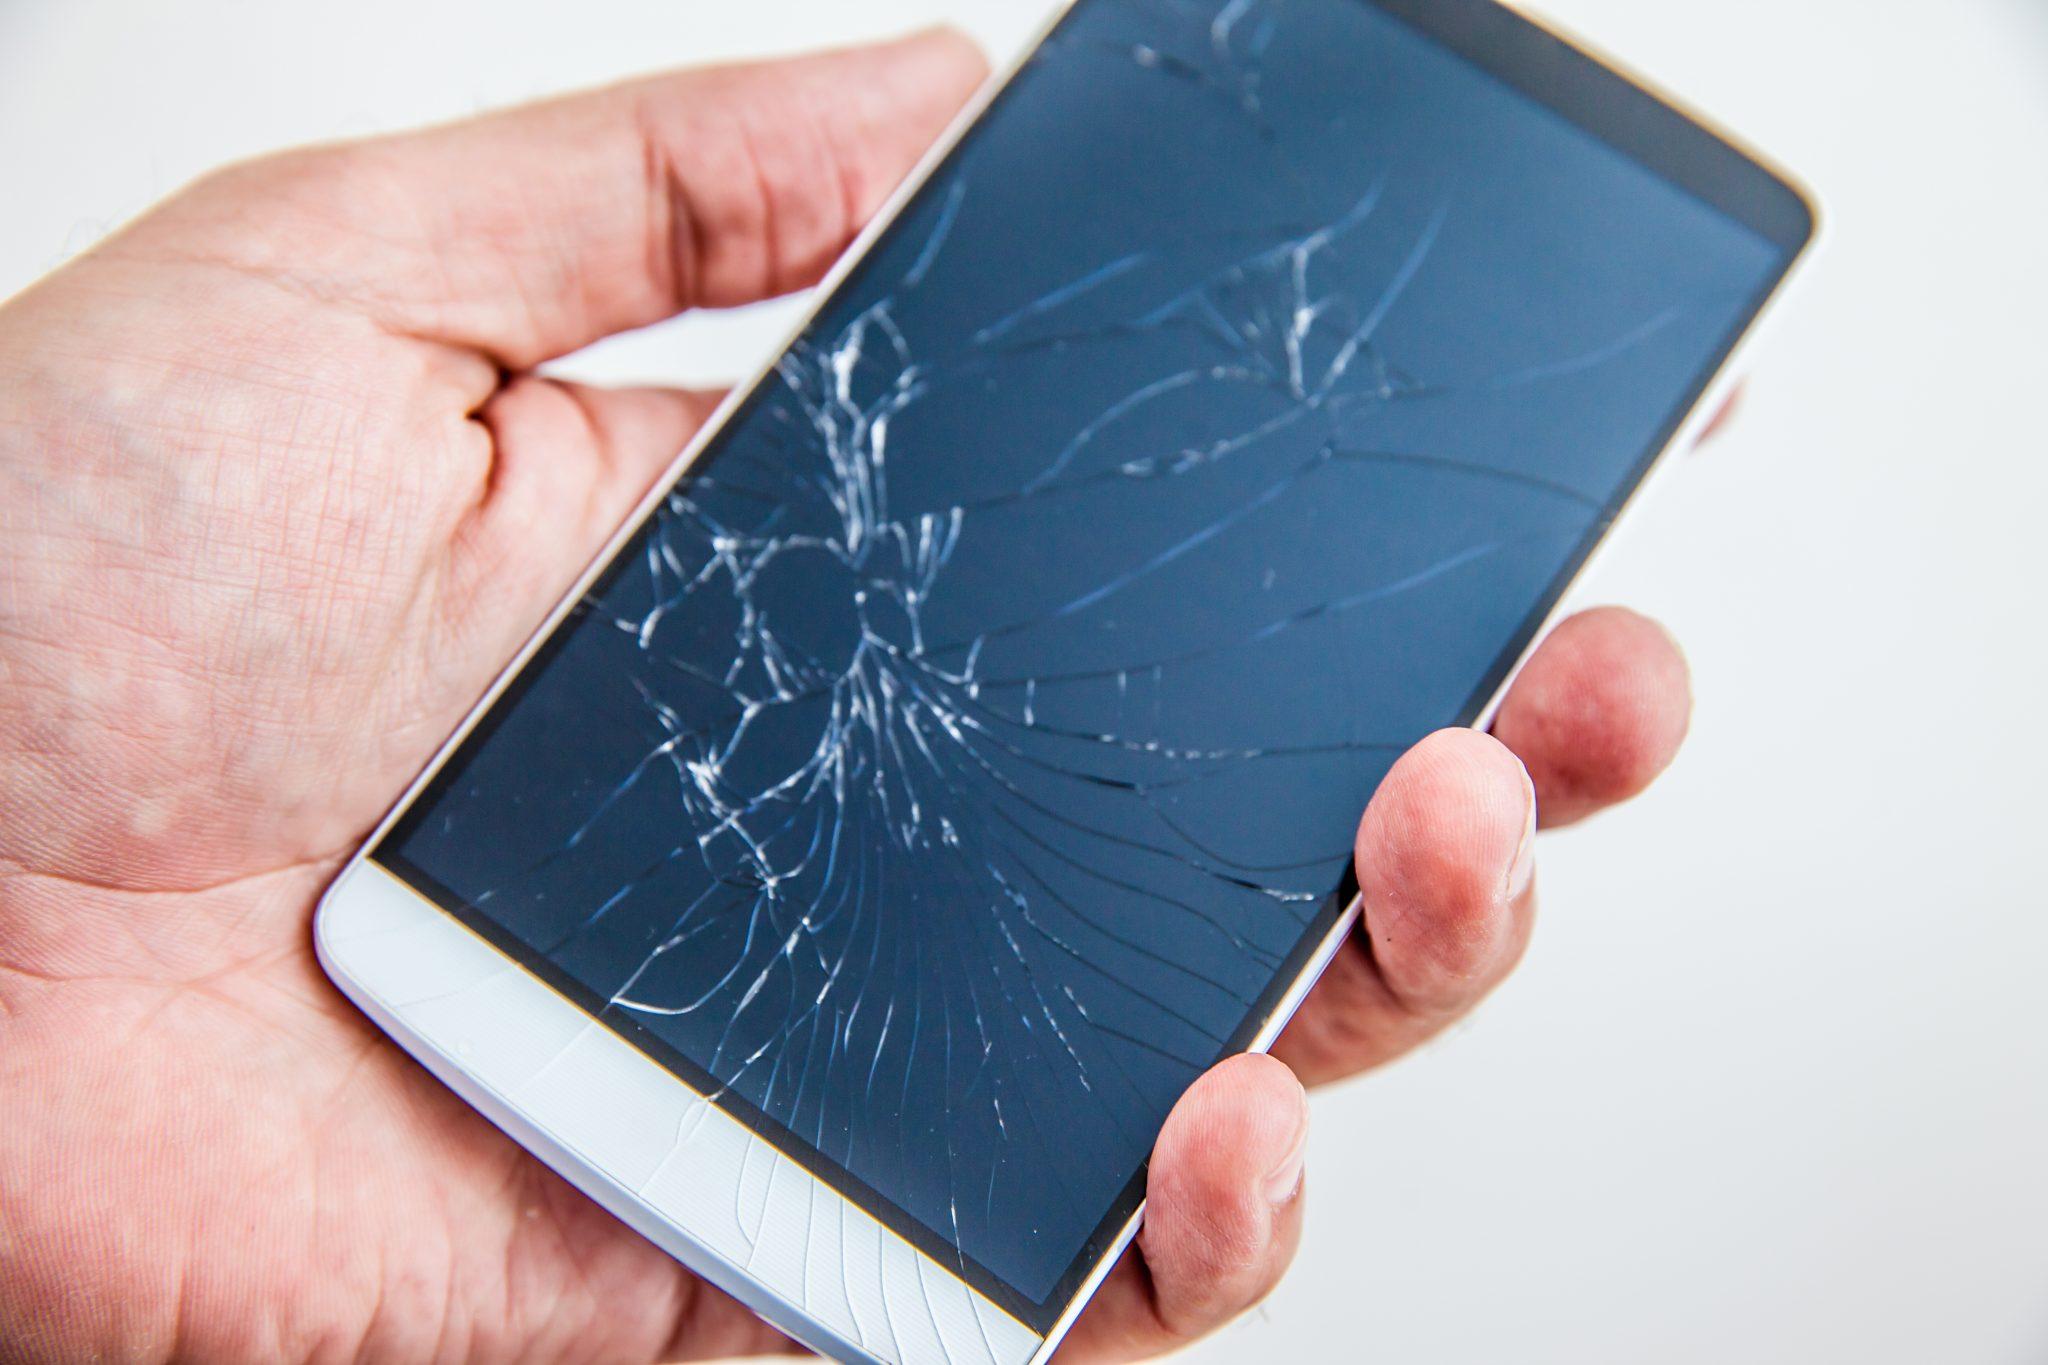 Broken screen glass of a smartphone